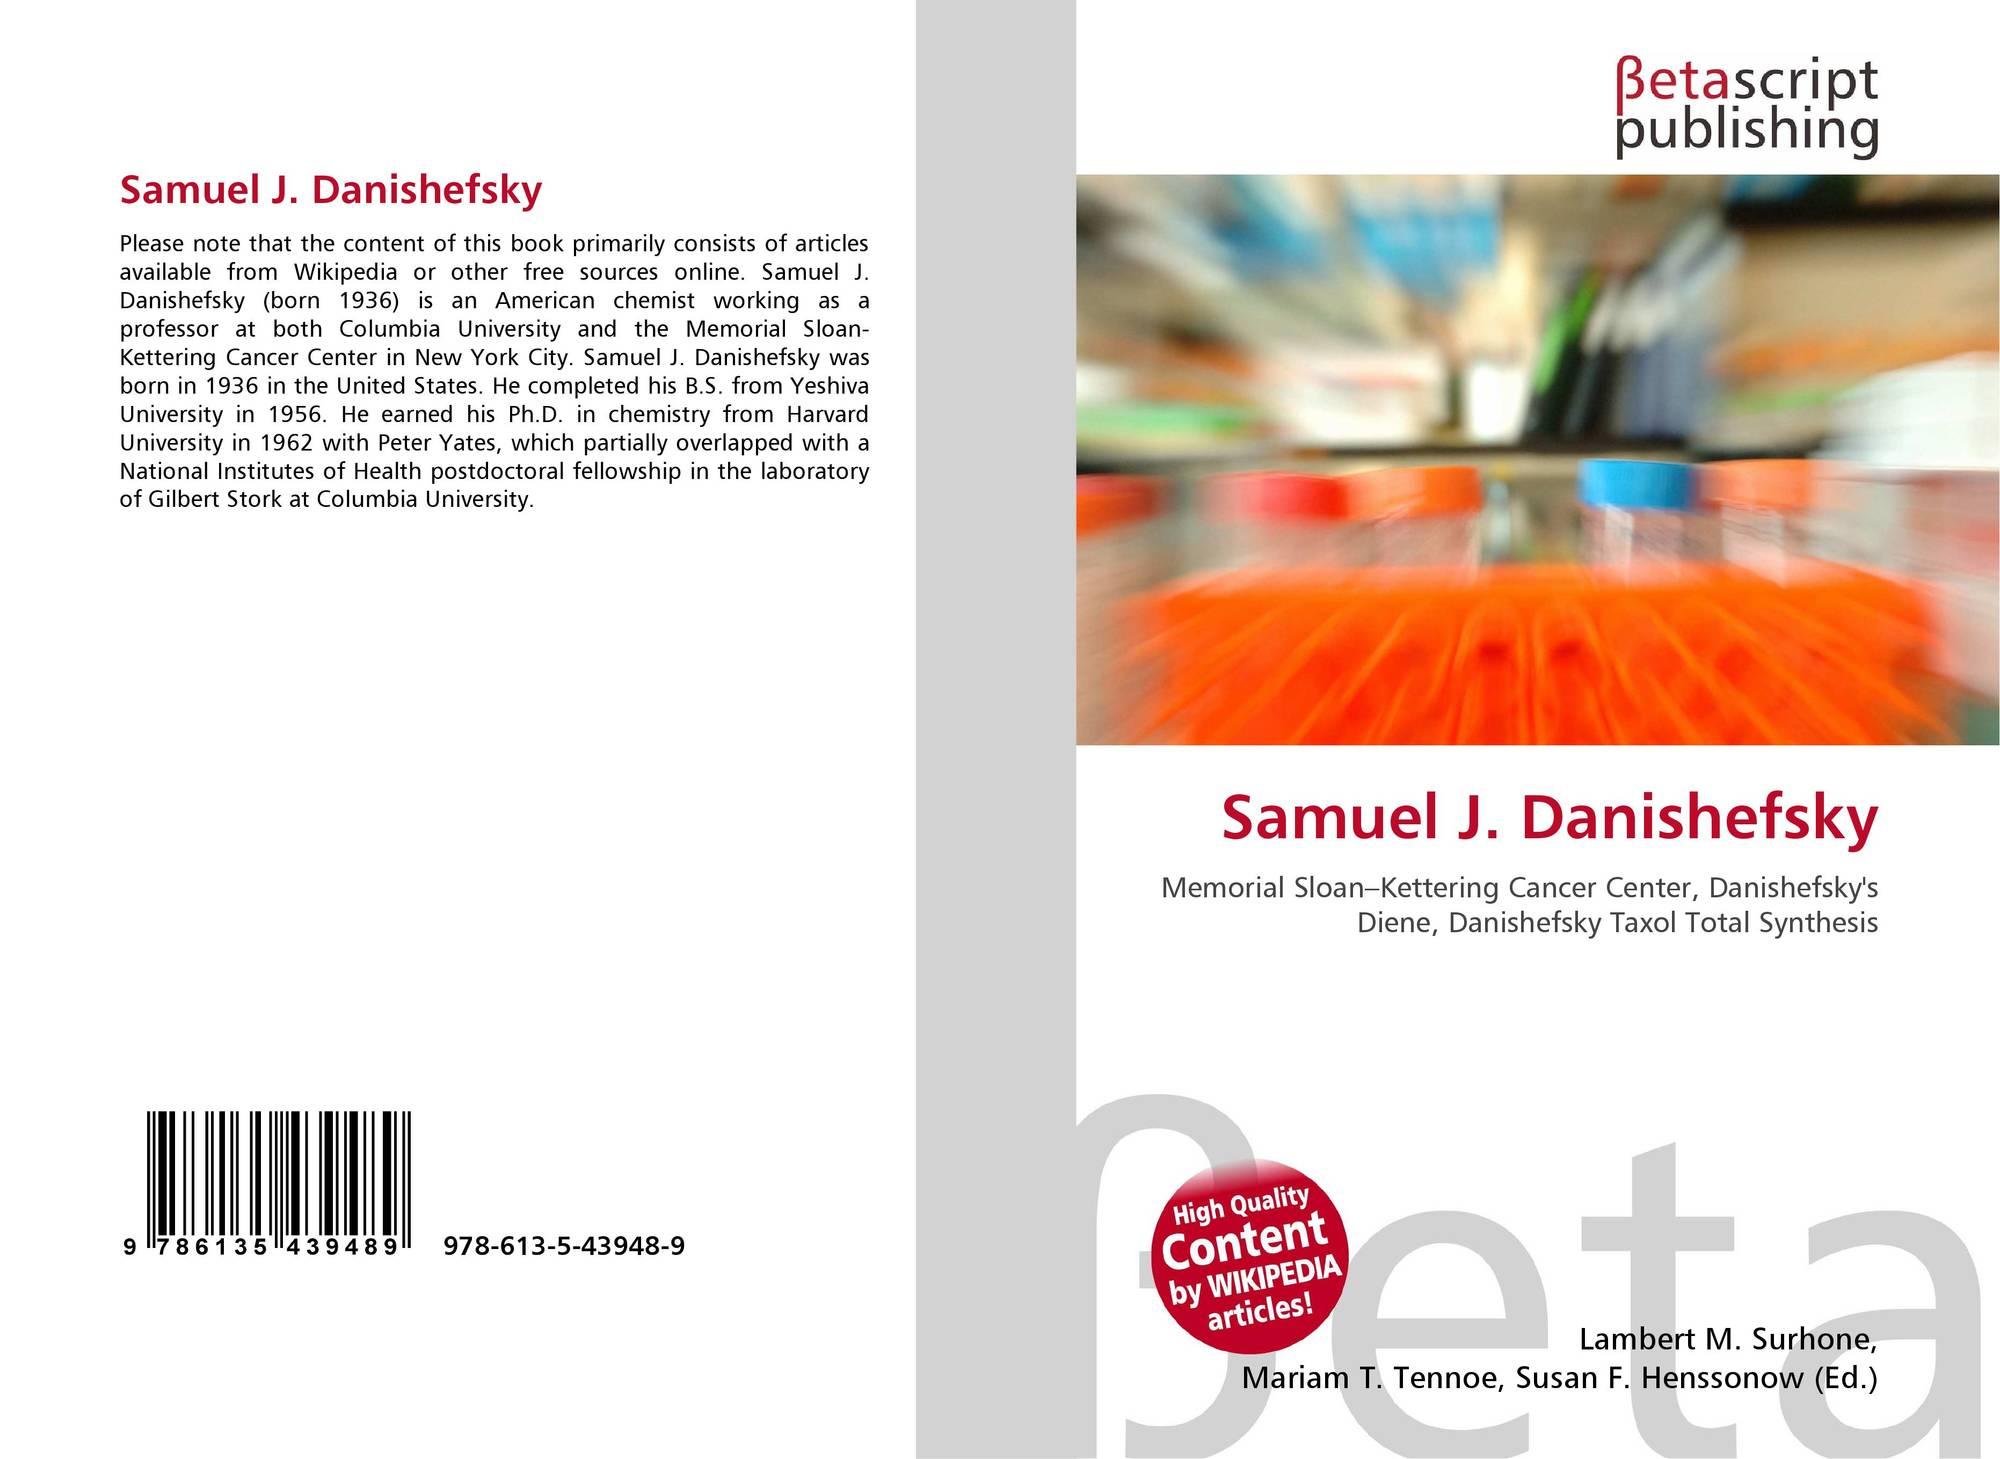 Samuel J  Danishefsky, 978-613-5-43948-9, 6135439480